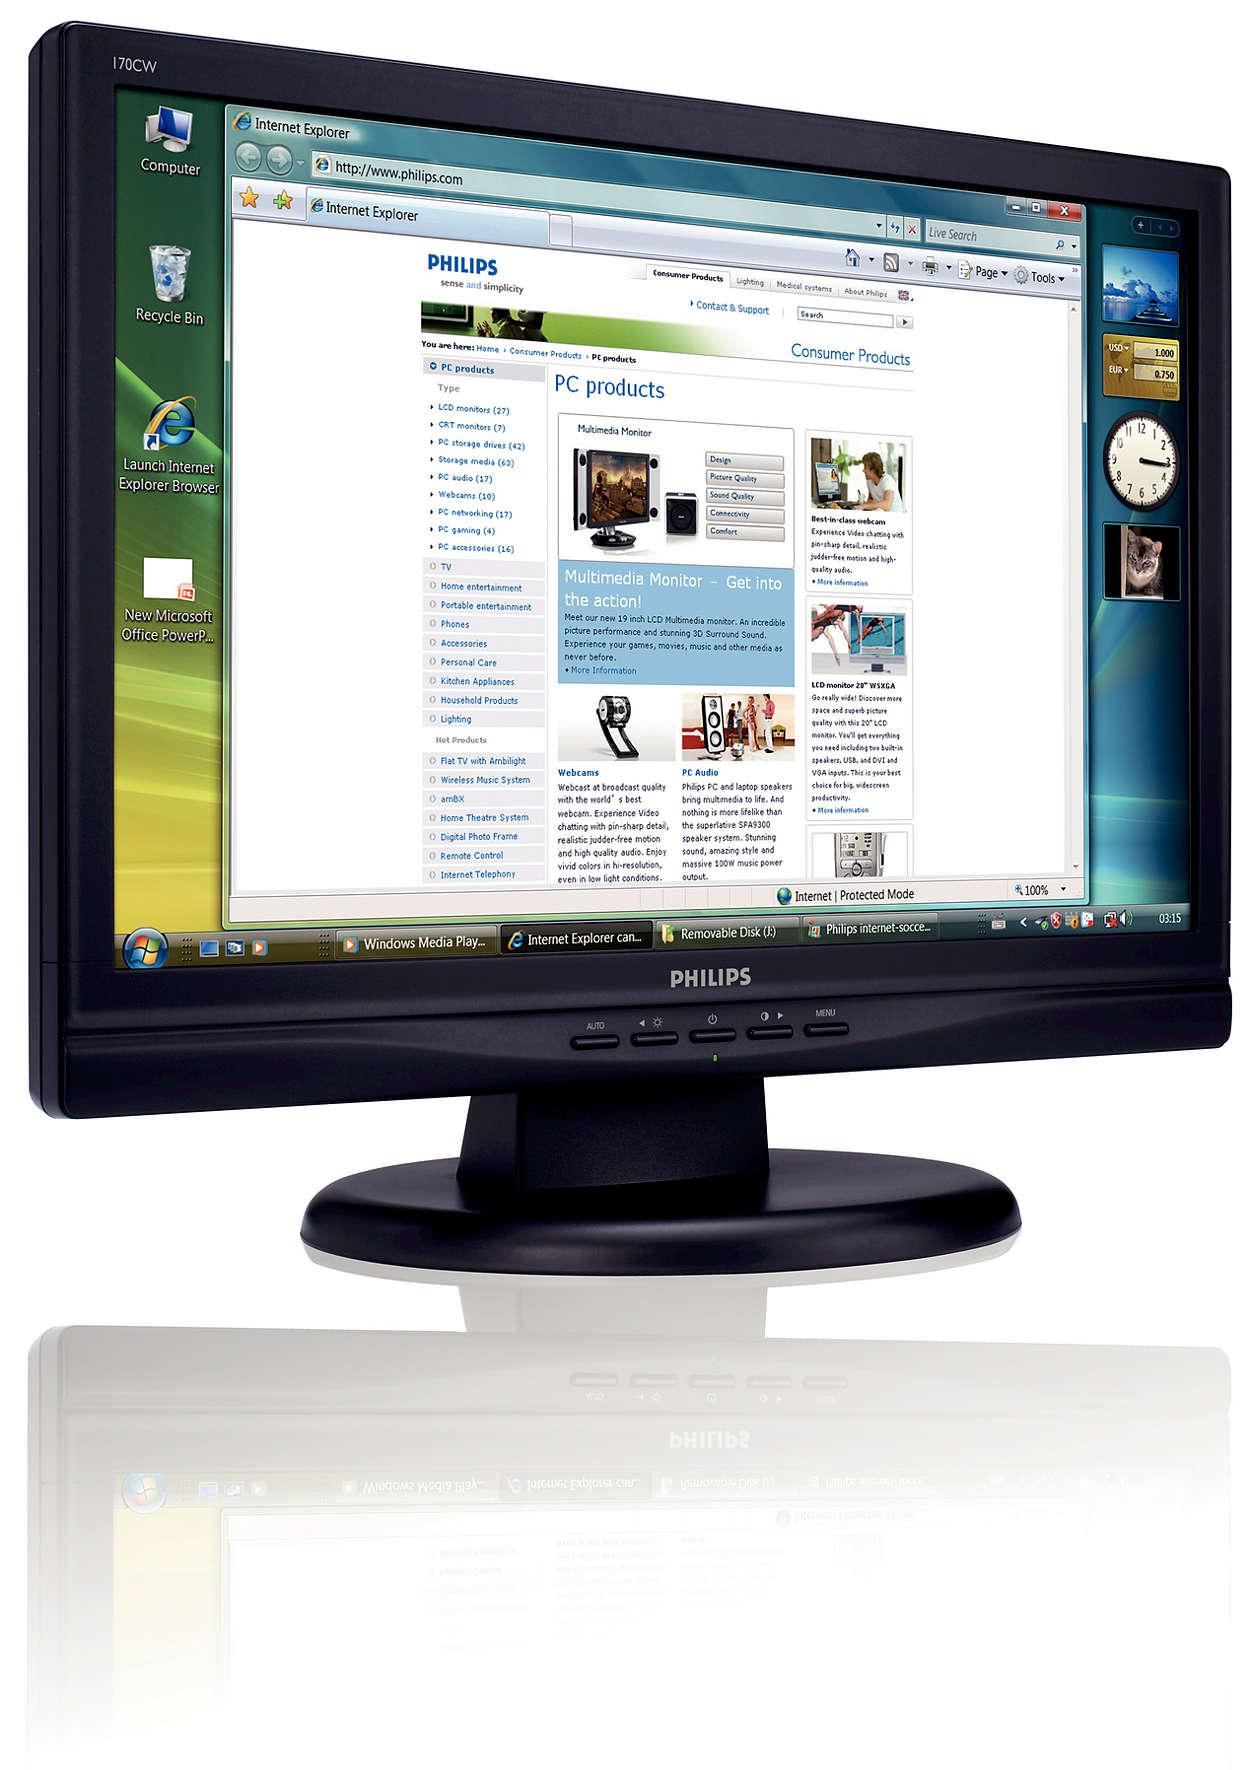 가격 대비 최고의 와이드스크린 LCD 모니터